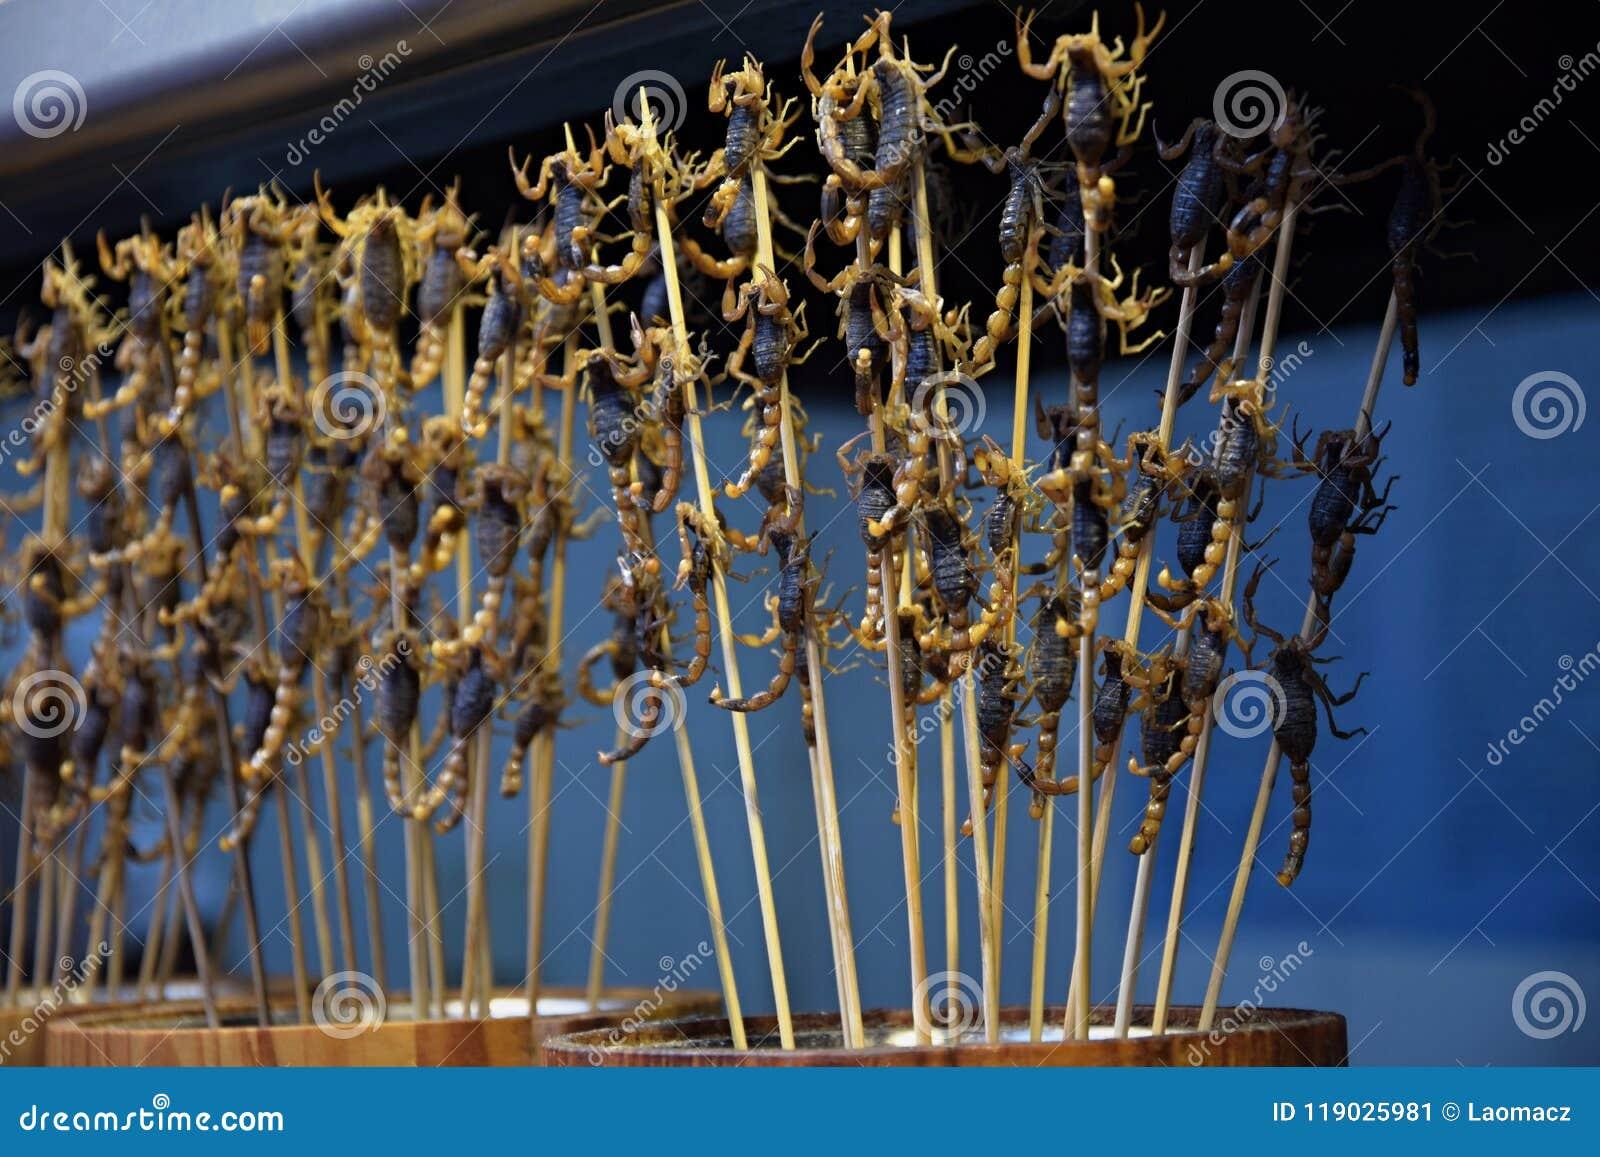 Skorpiony gdy przekąska sprzedawał w ulicach w Chiny